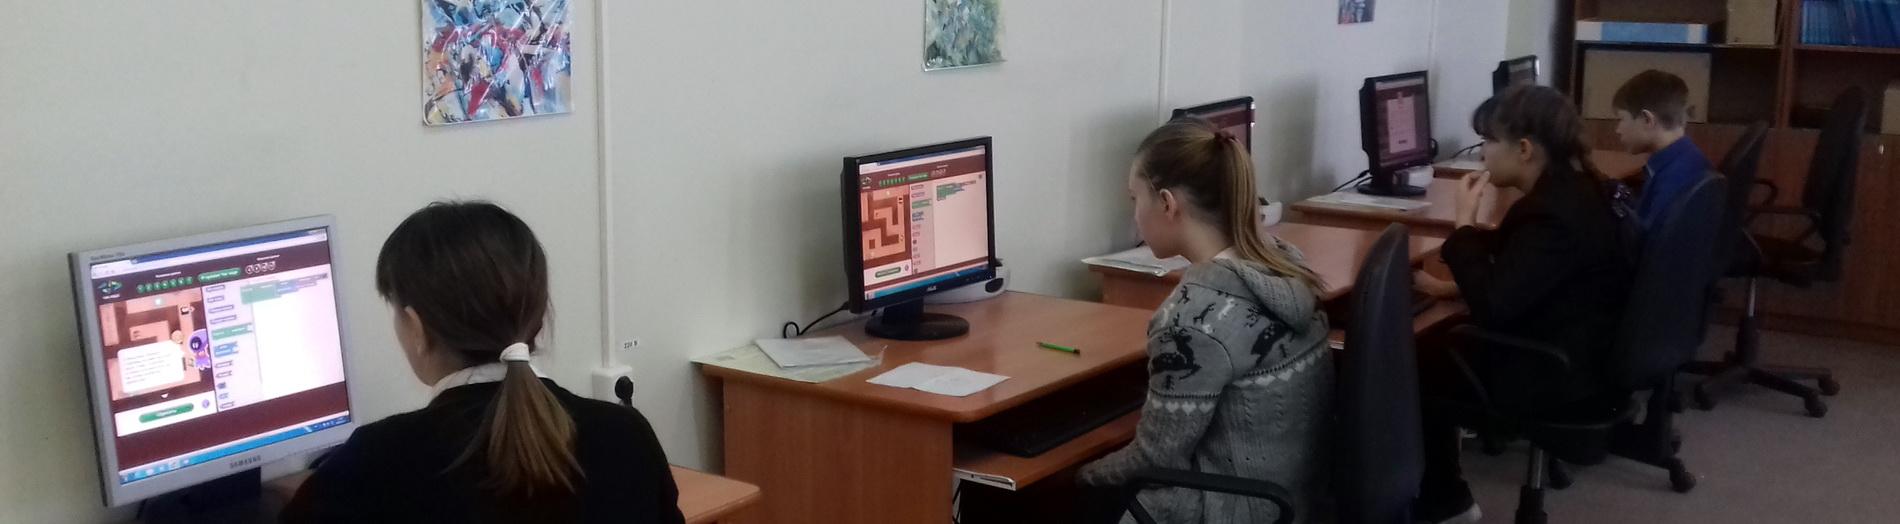 барс web образование пенза электронный журнал